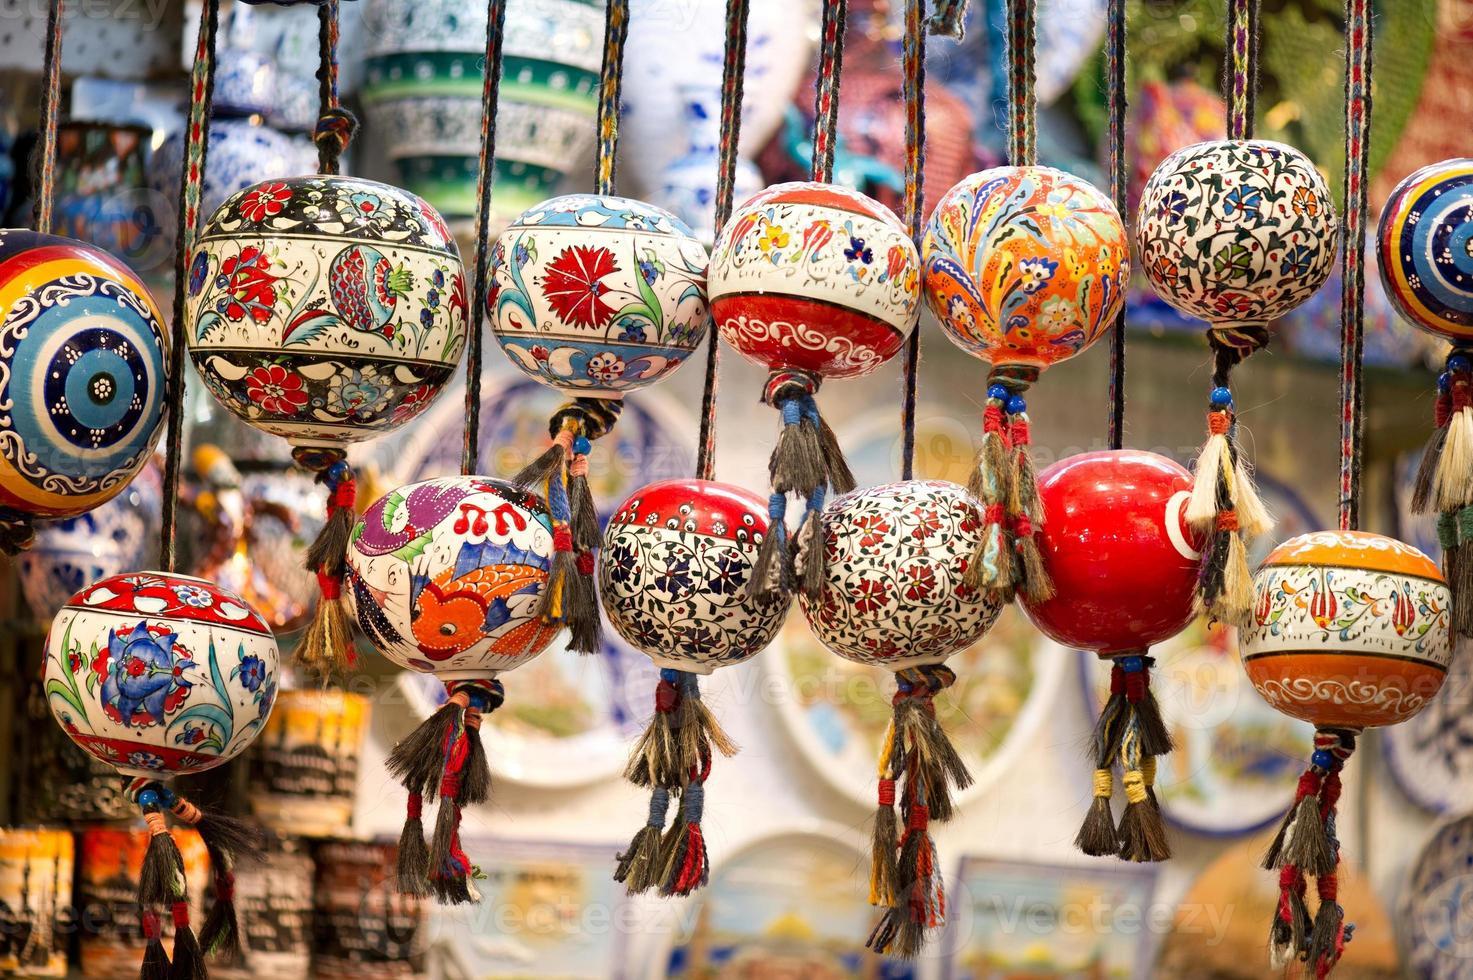 Cuentas orinetales en el gran bazar, Estambul, Turquía foto